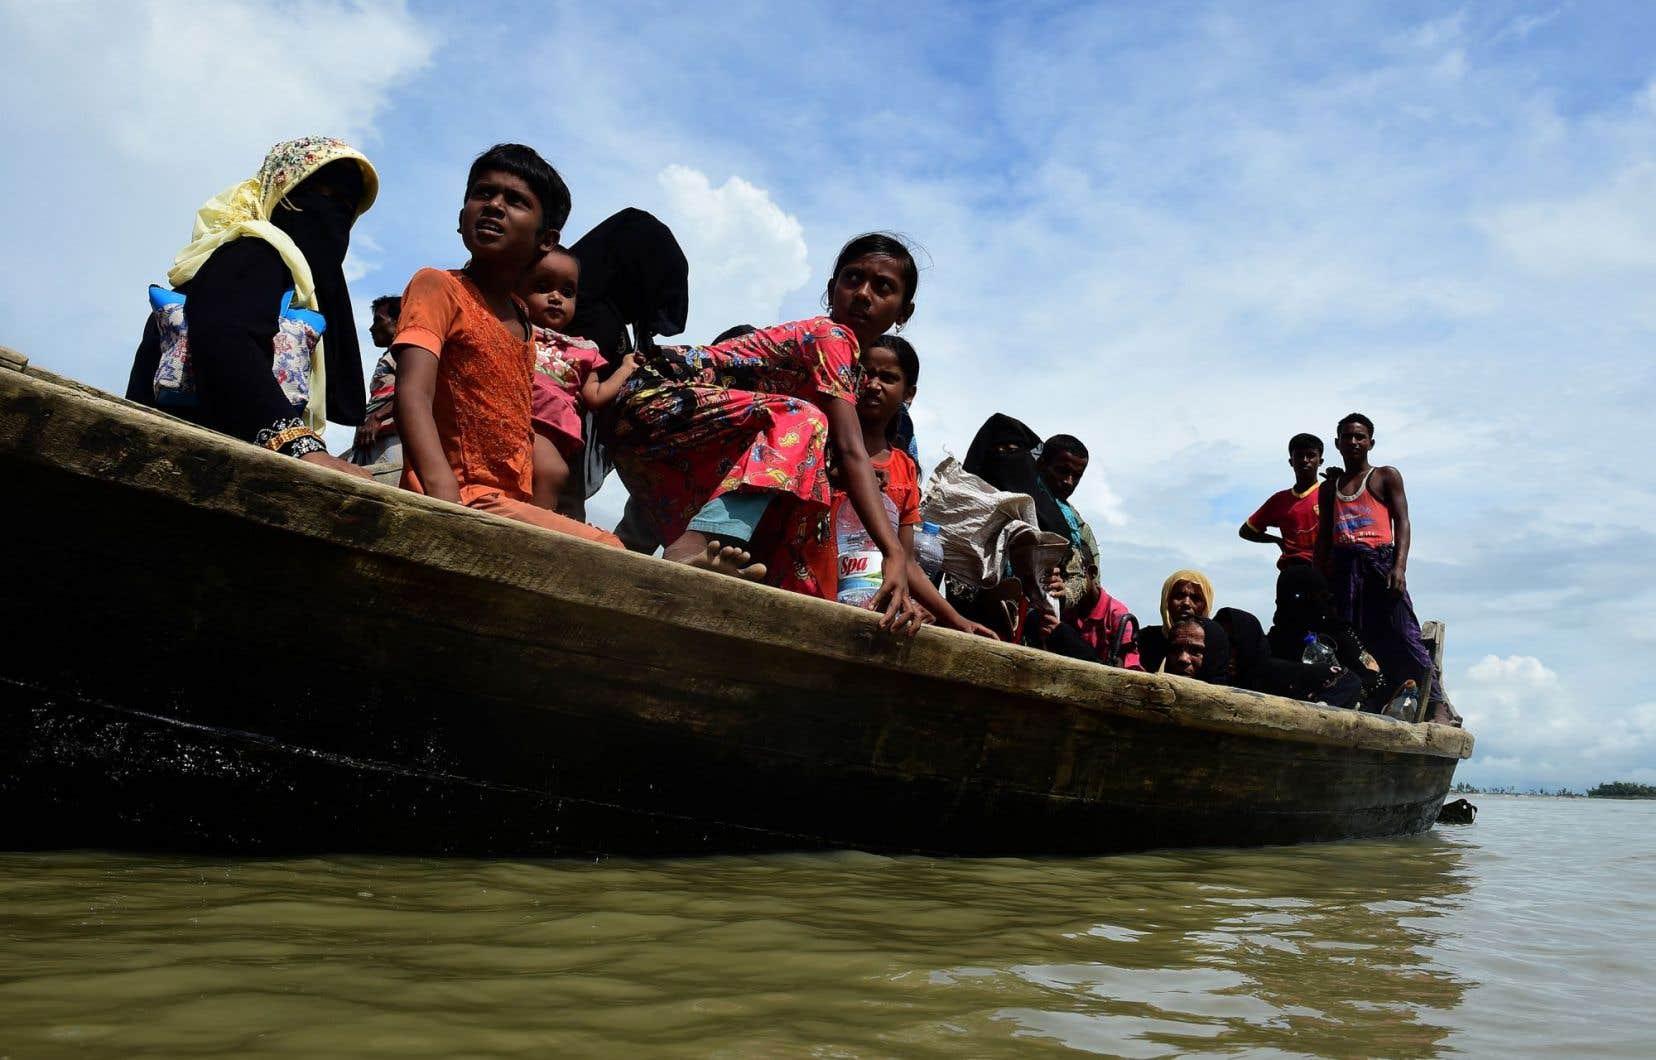 <p>À l'heure actuelle, entre 10 000 et 20 000 Rohingyas épuisés, affamés, blessés parfois, franchissent tous les jours la frontière entre le Myanmar et le Bangladesh.</p>